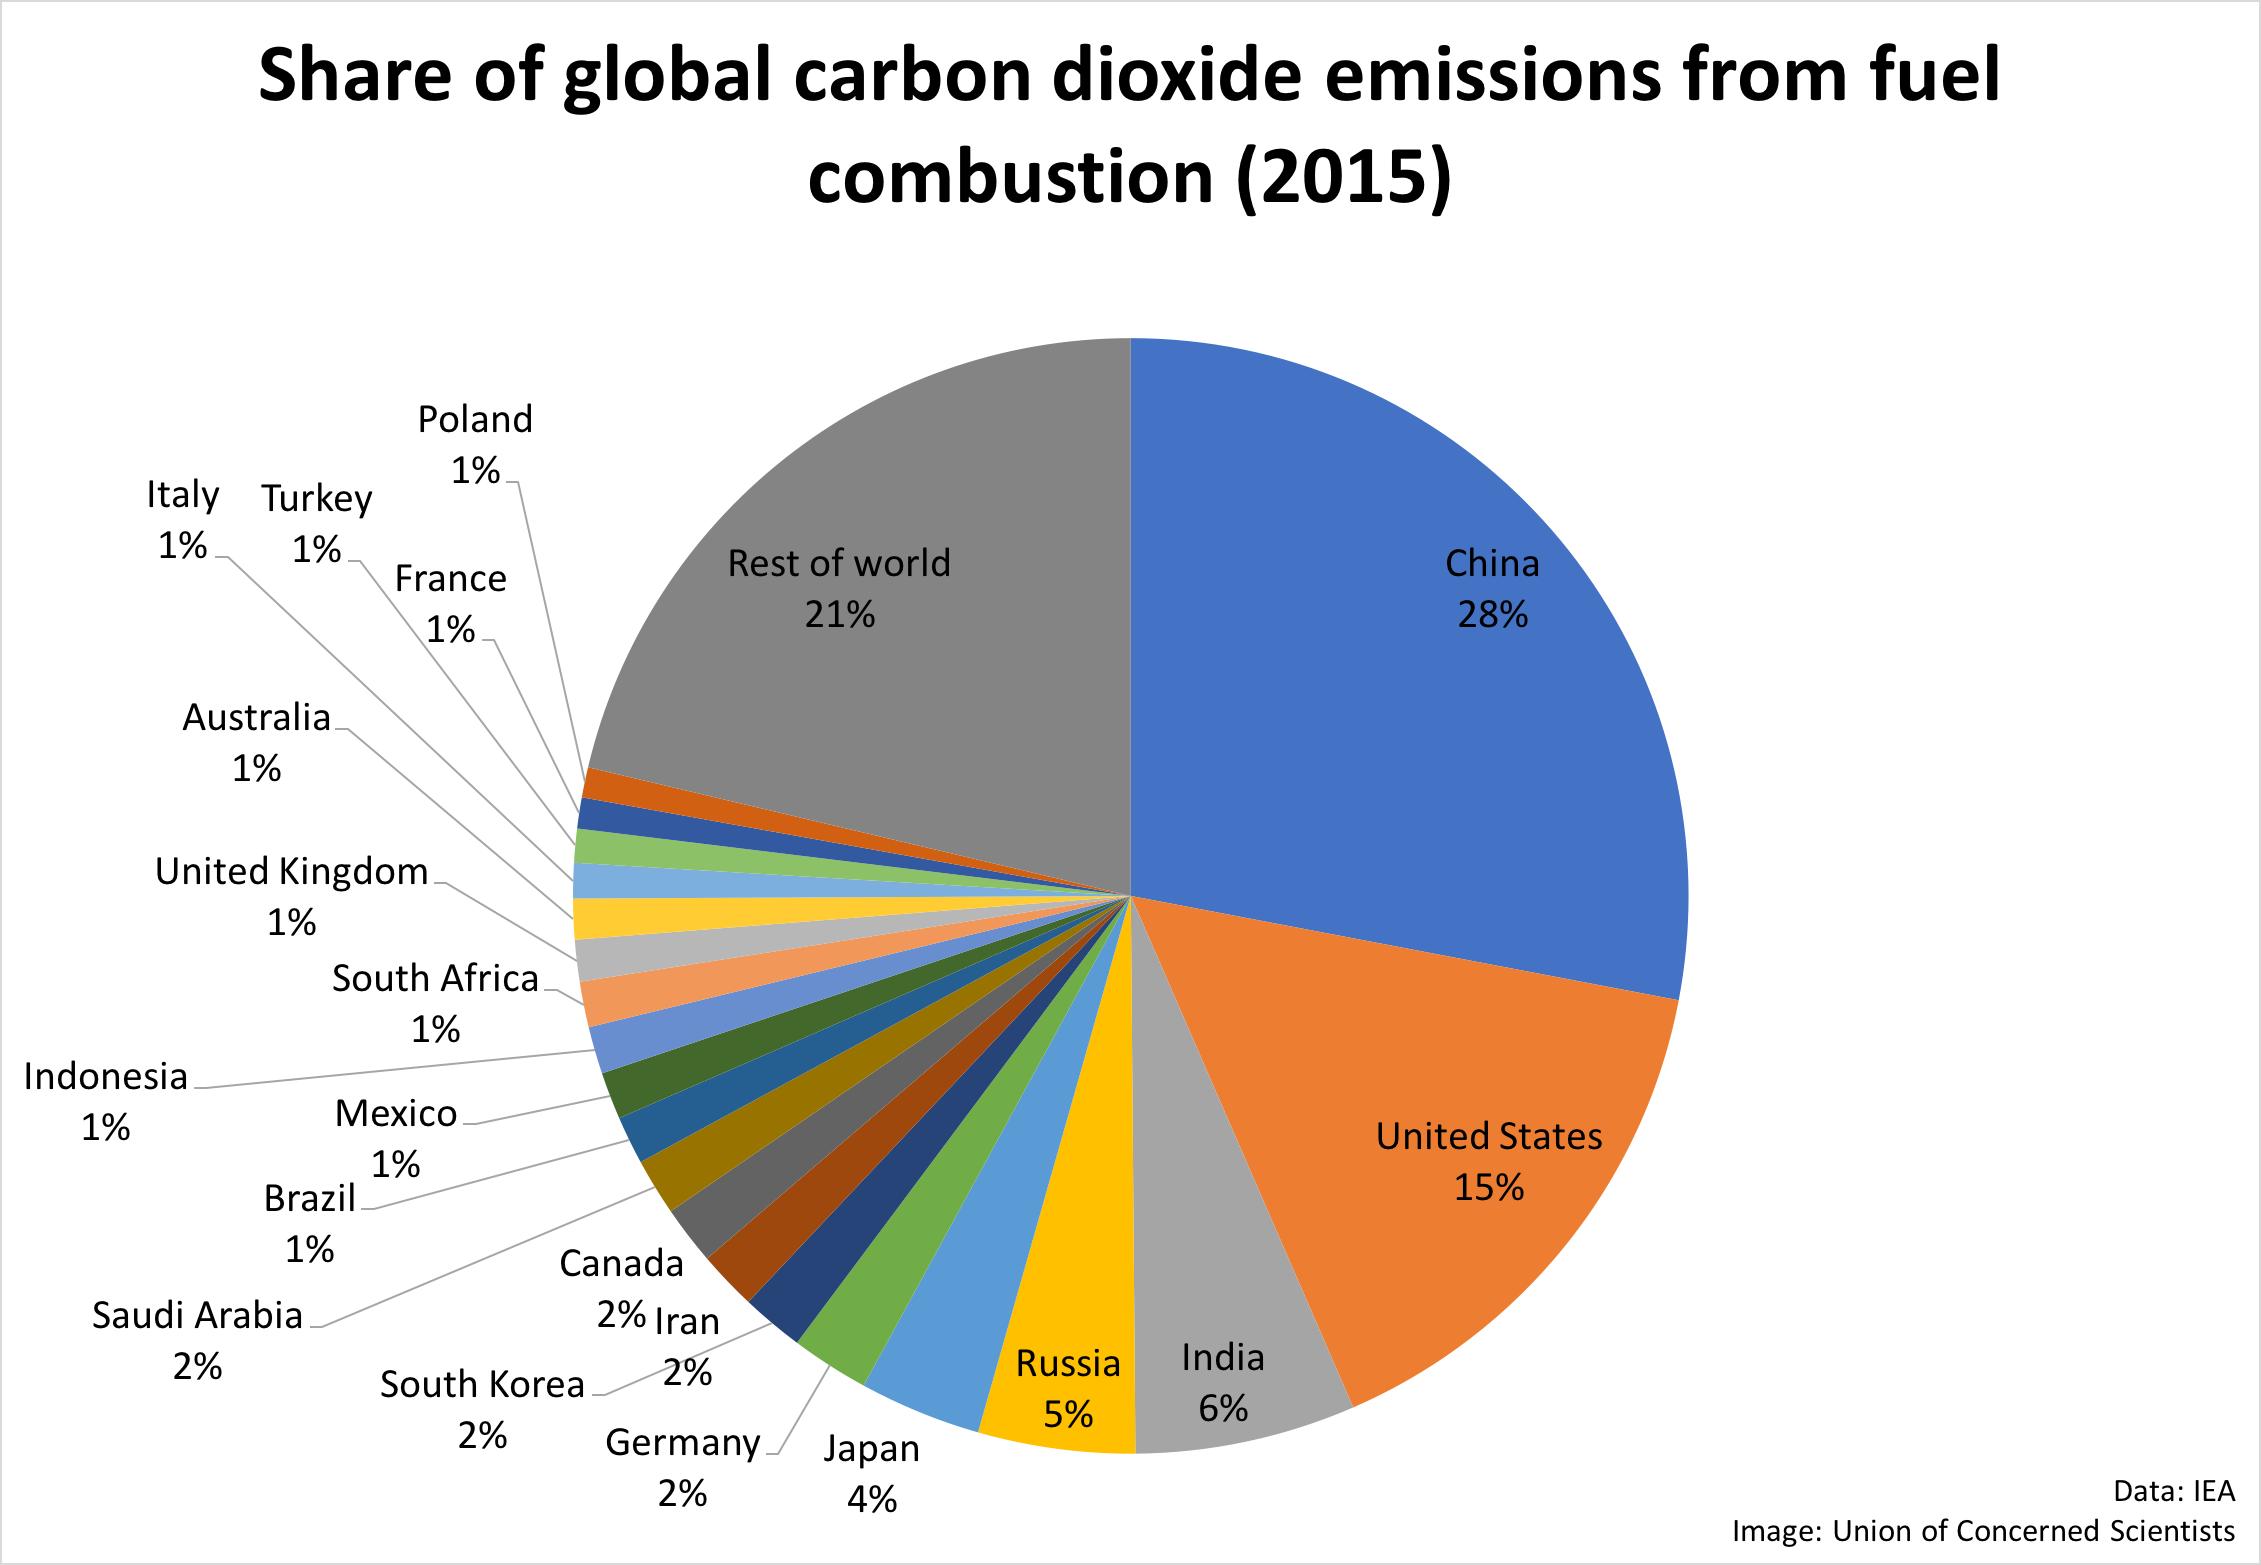 ایران حدود دو درصد از کل دیاکسید کربن جهان را در سال تولید میکند.